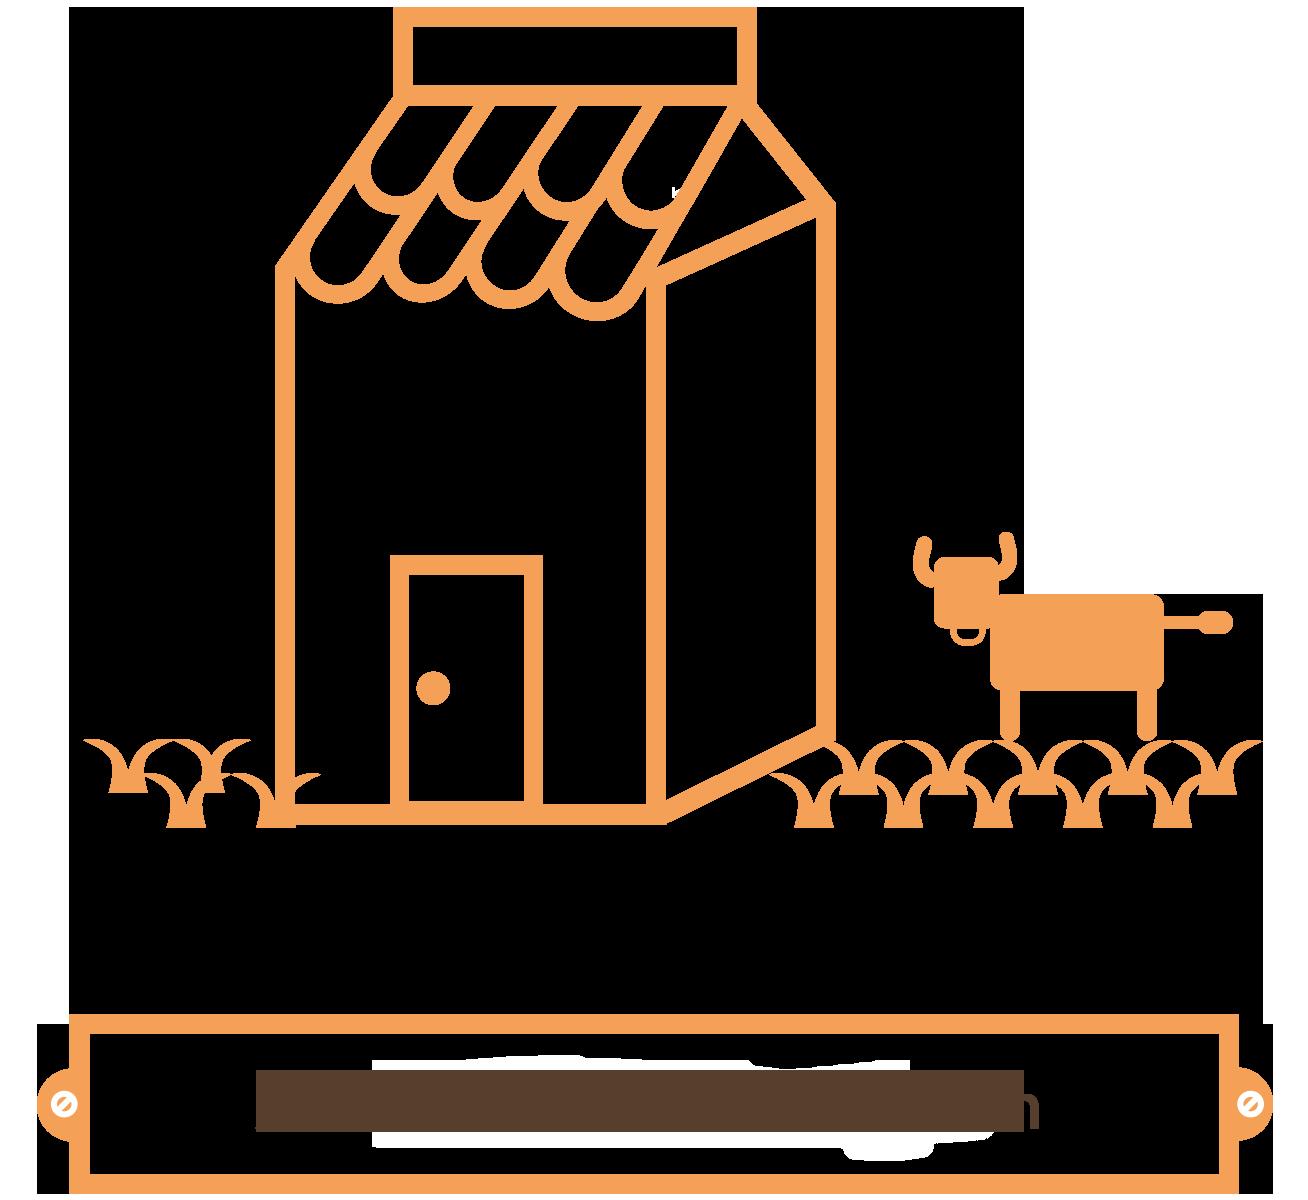 Milchsäurebakterien